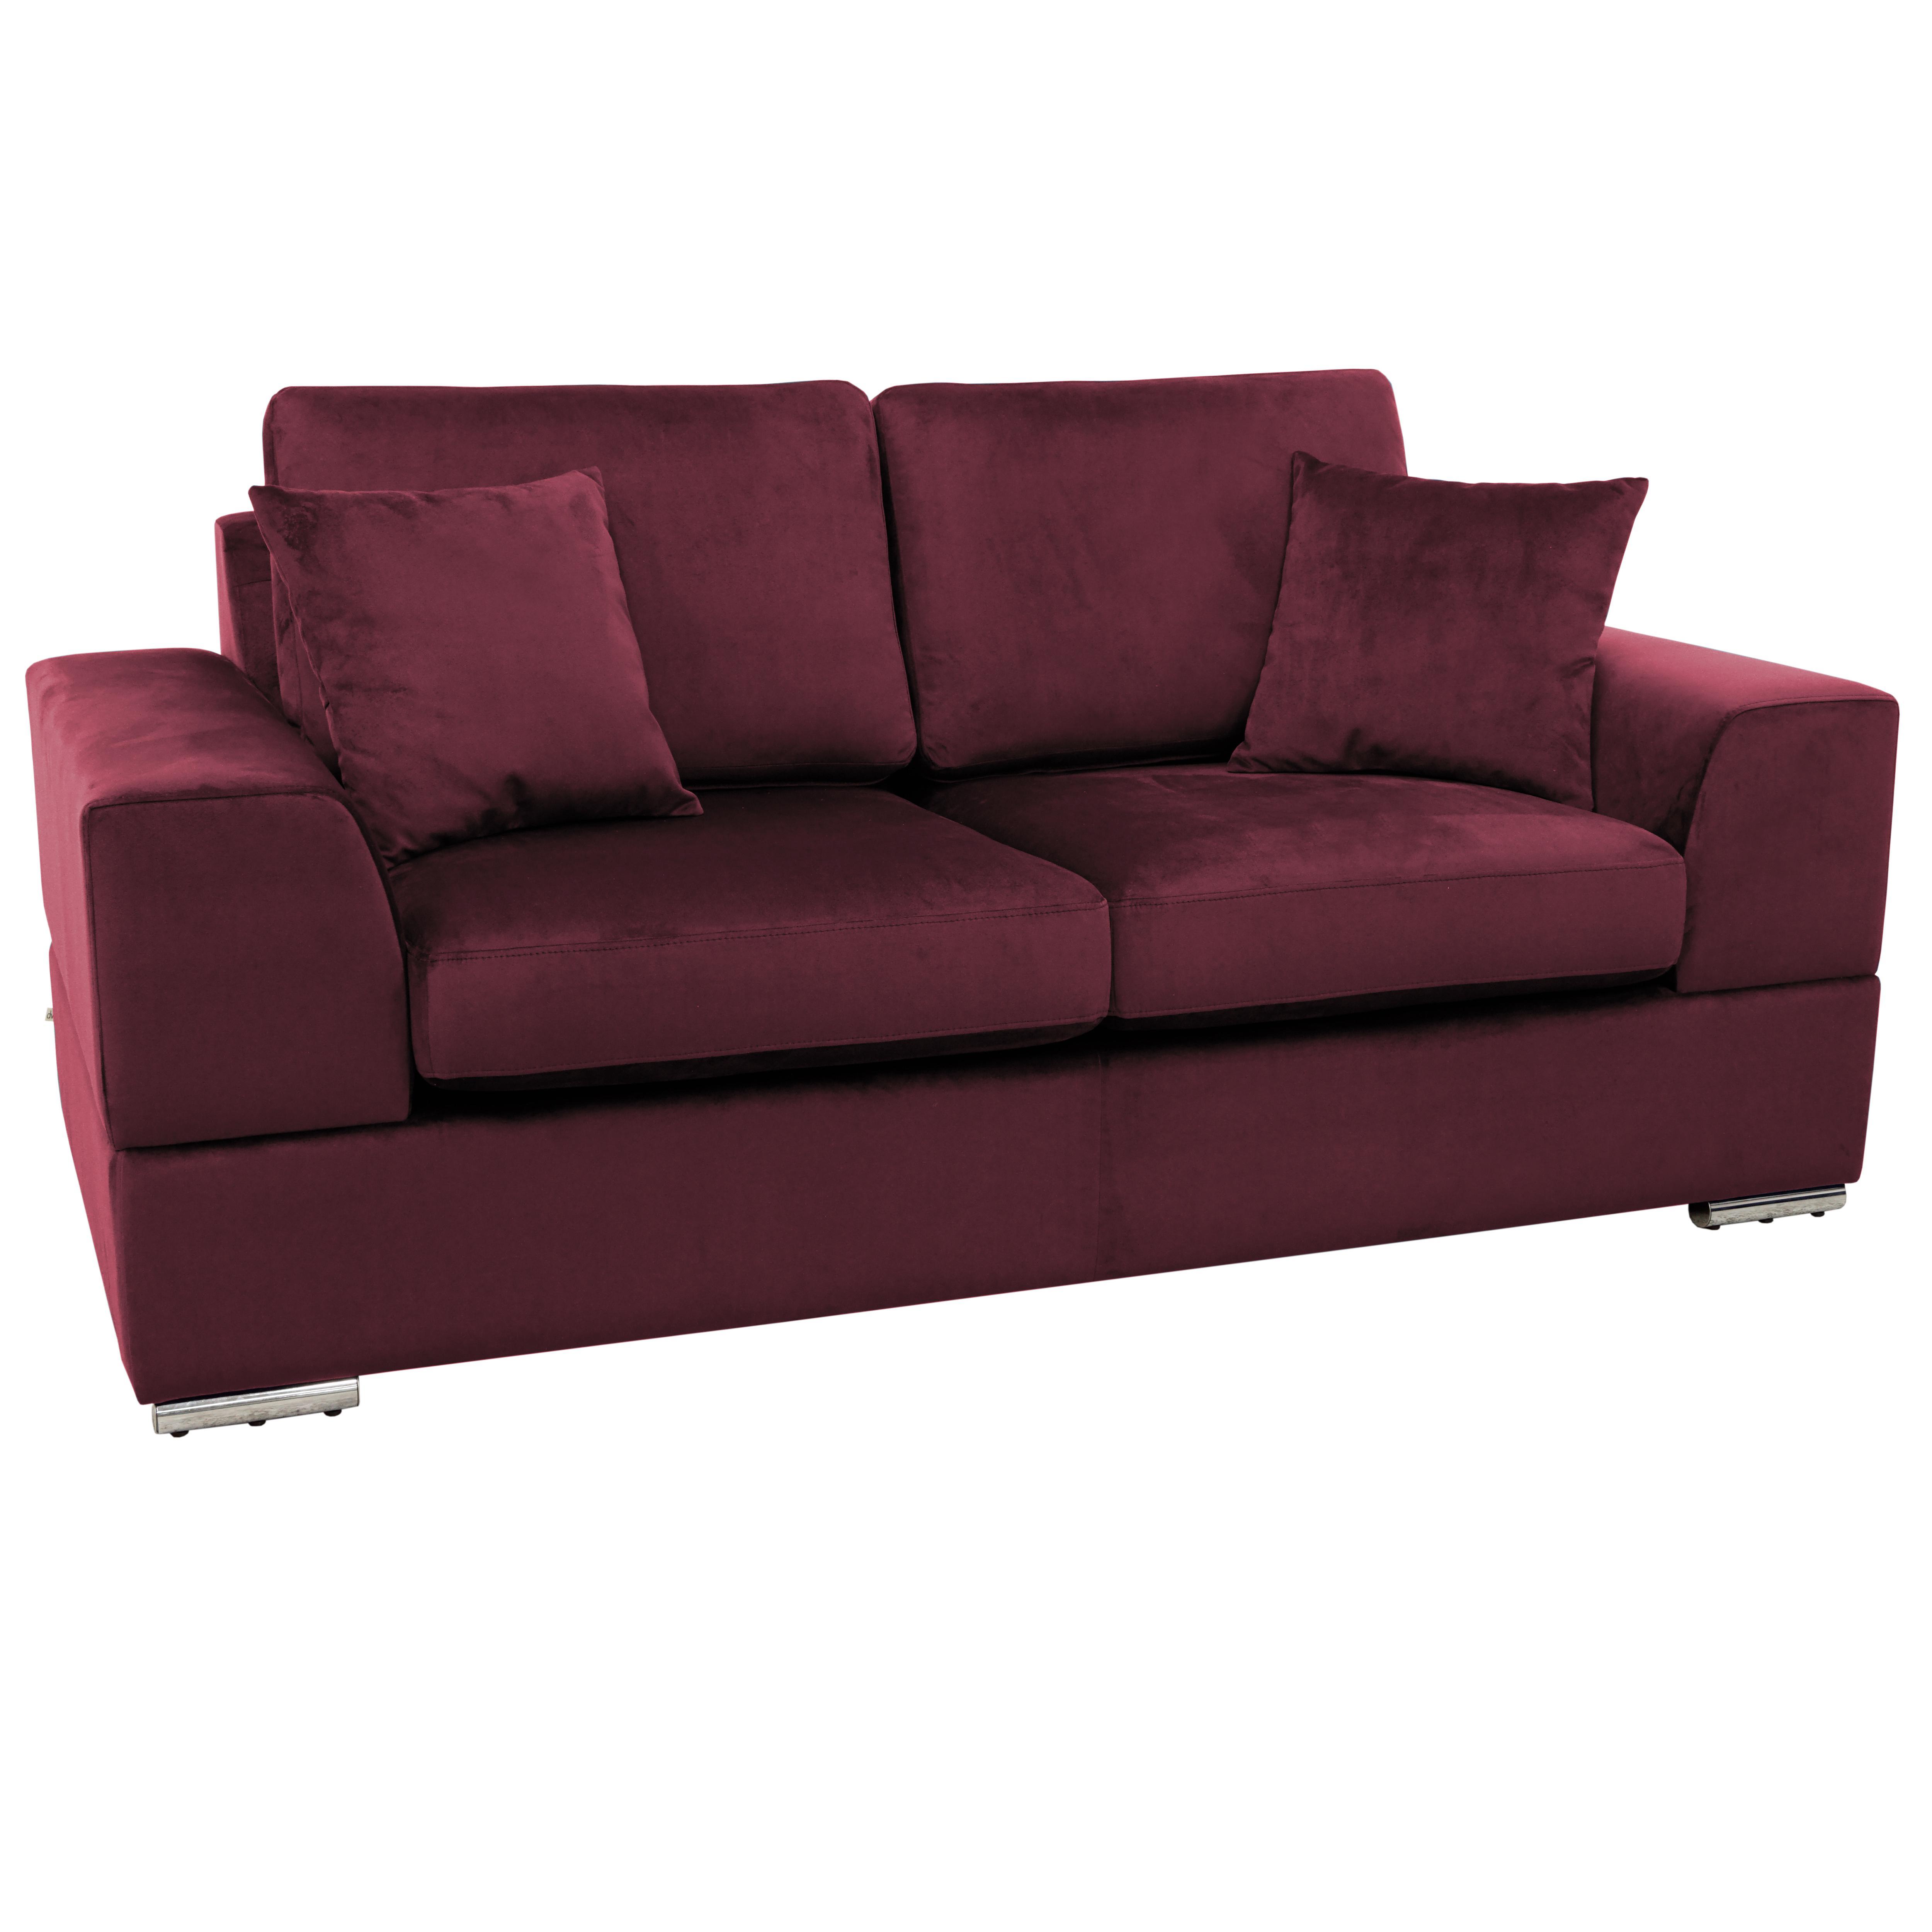 Varenna two seater sofabed alba velvet burgundy